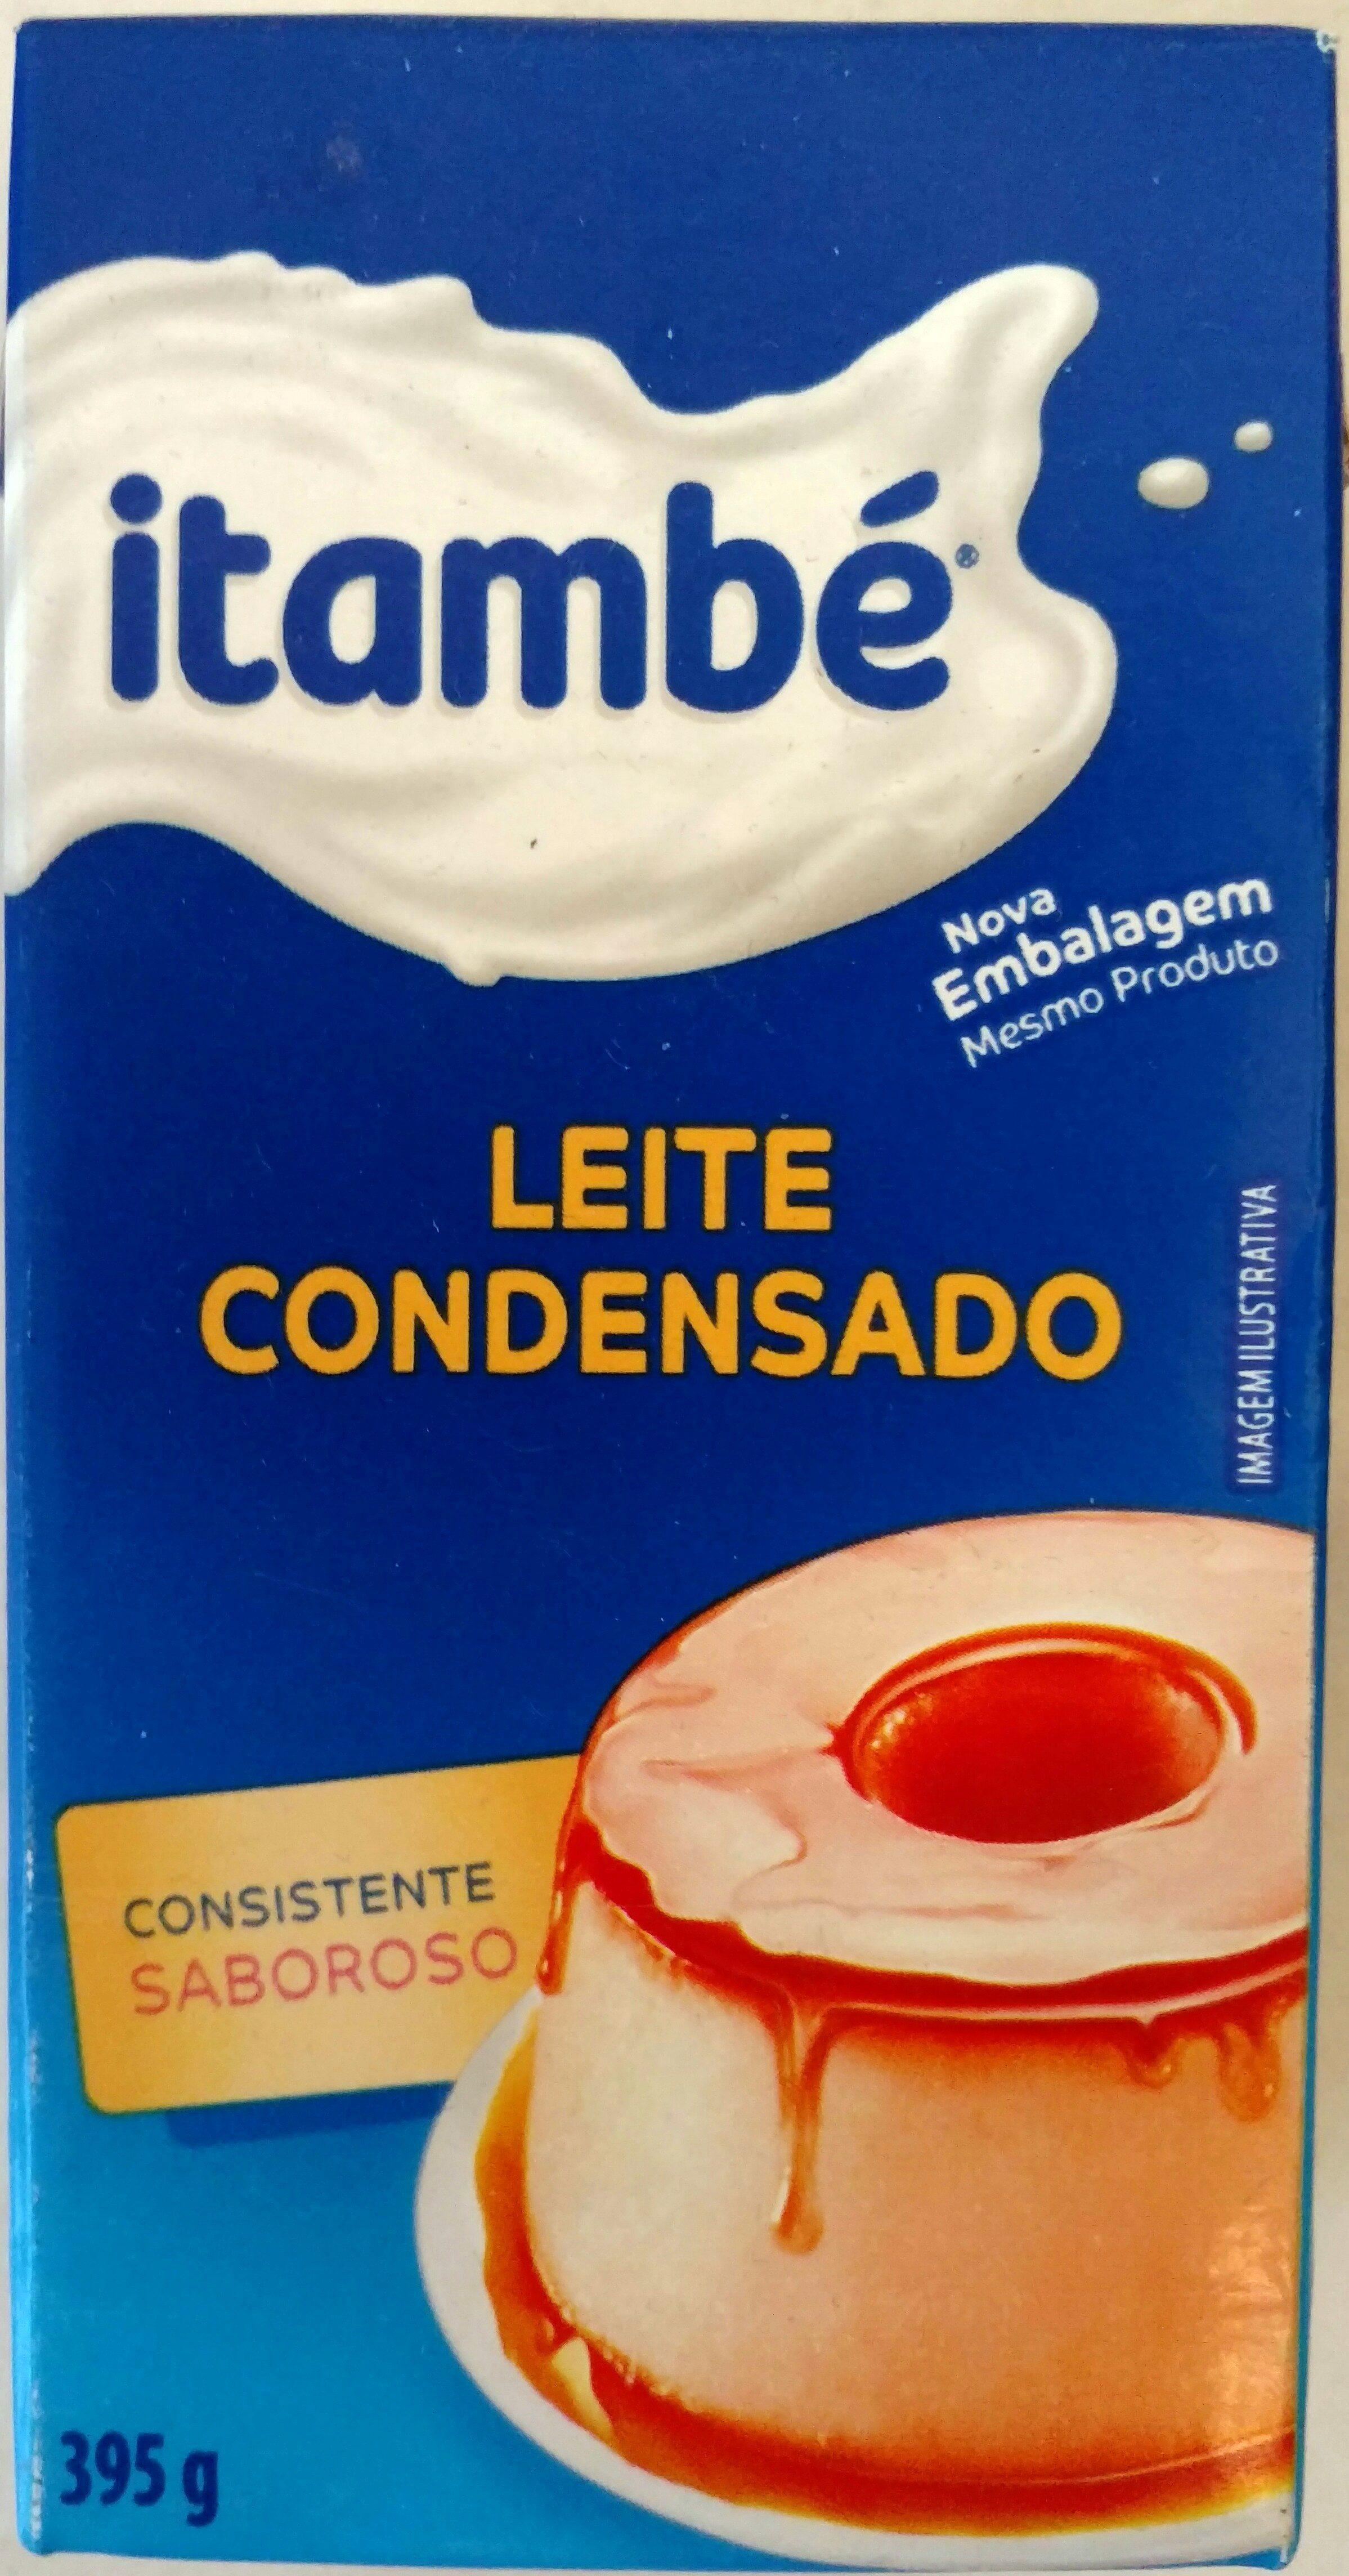 Leite Condensado Itambé - Product